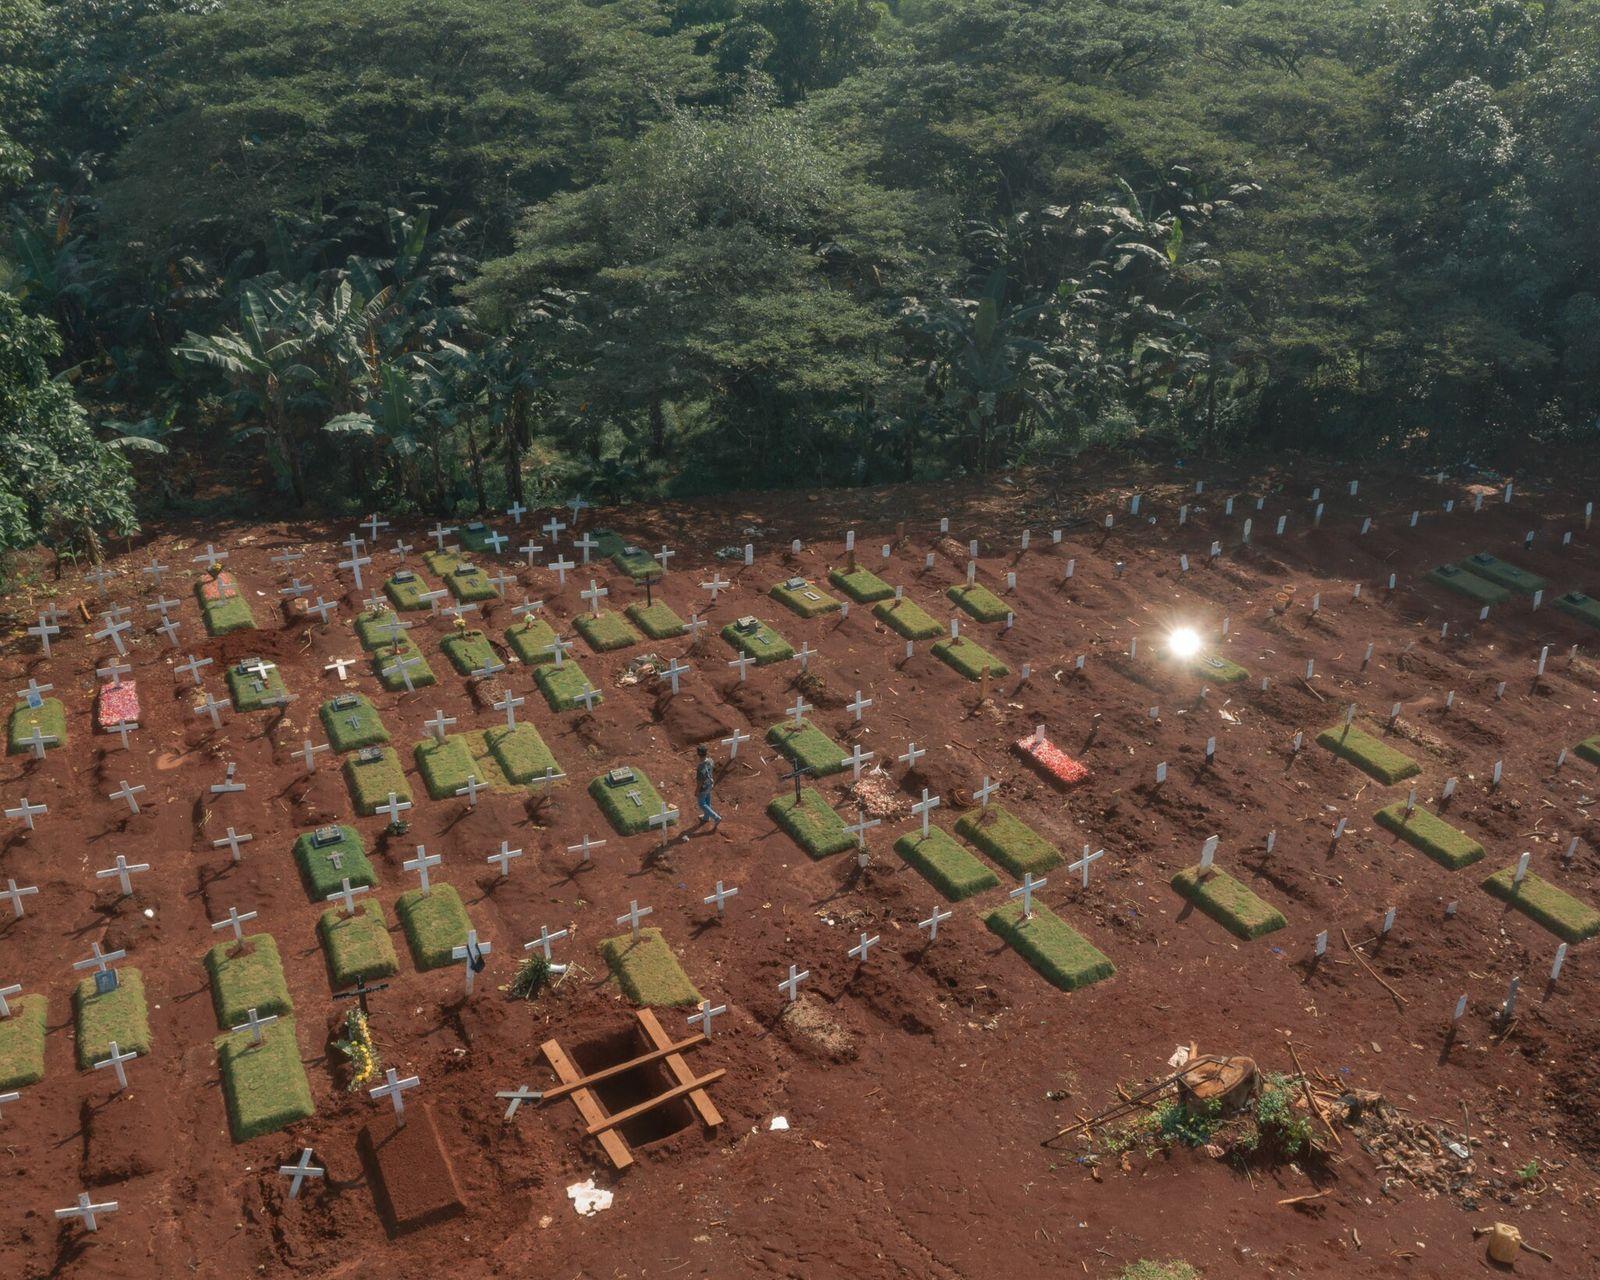 Cementerio Público de Pondok Ranggon